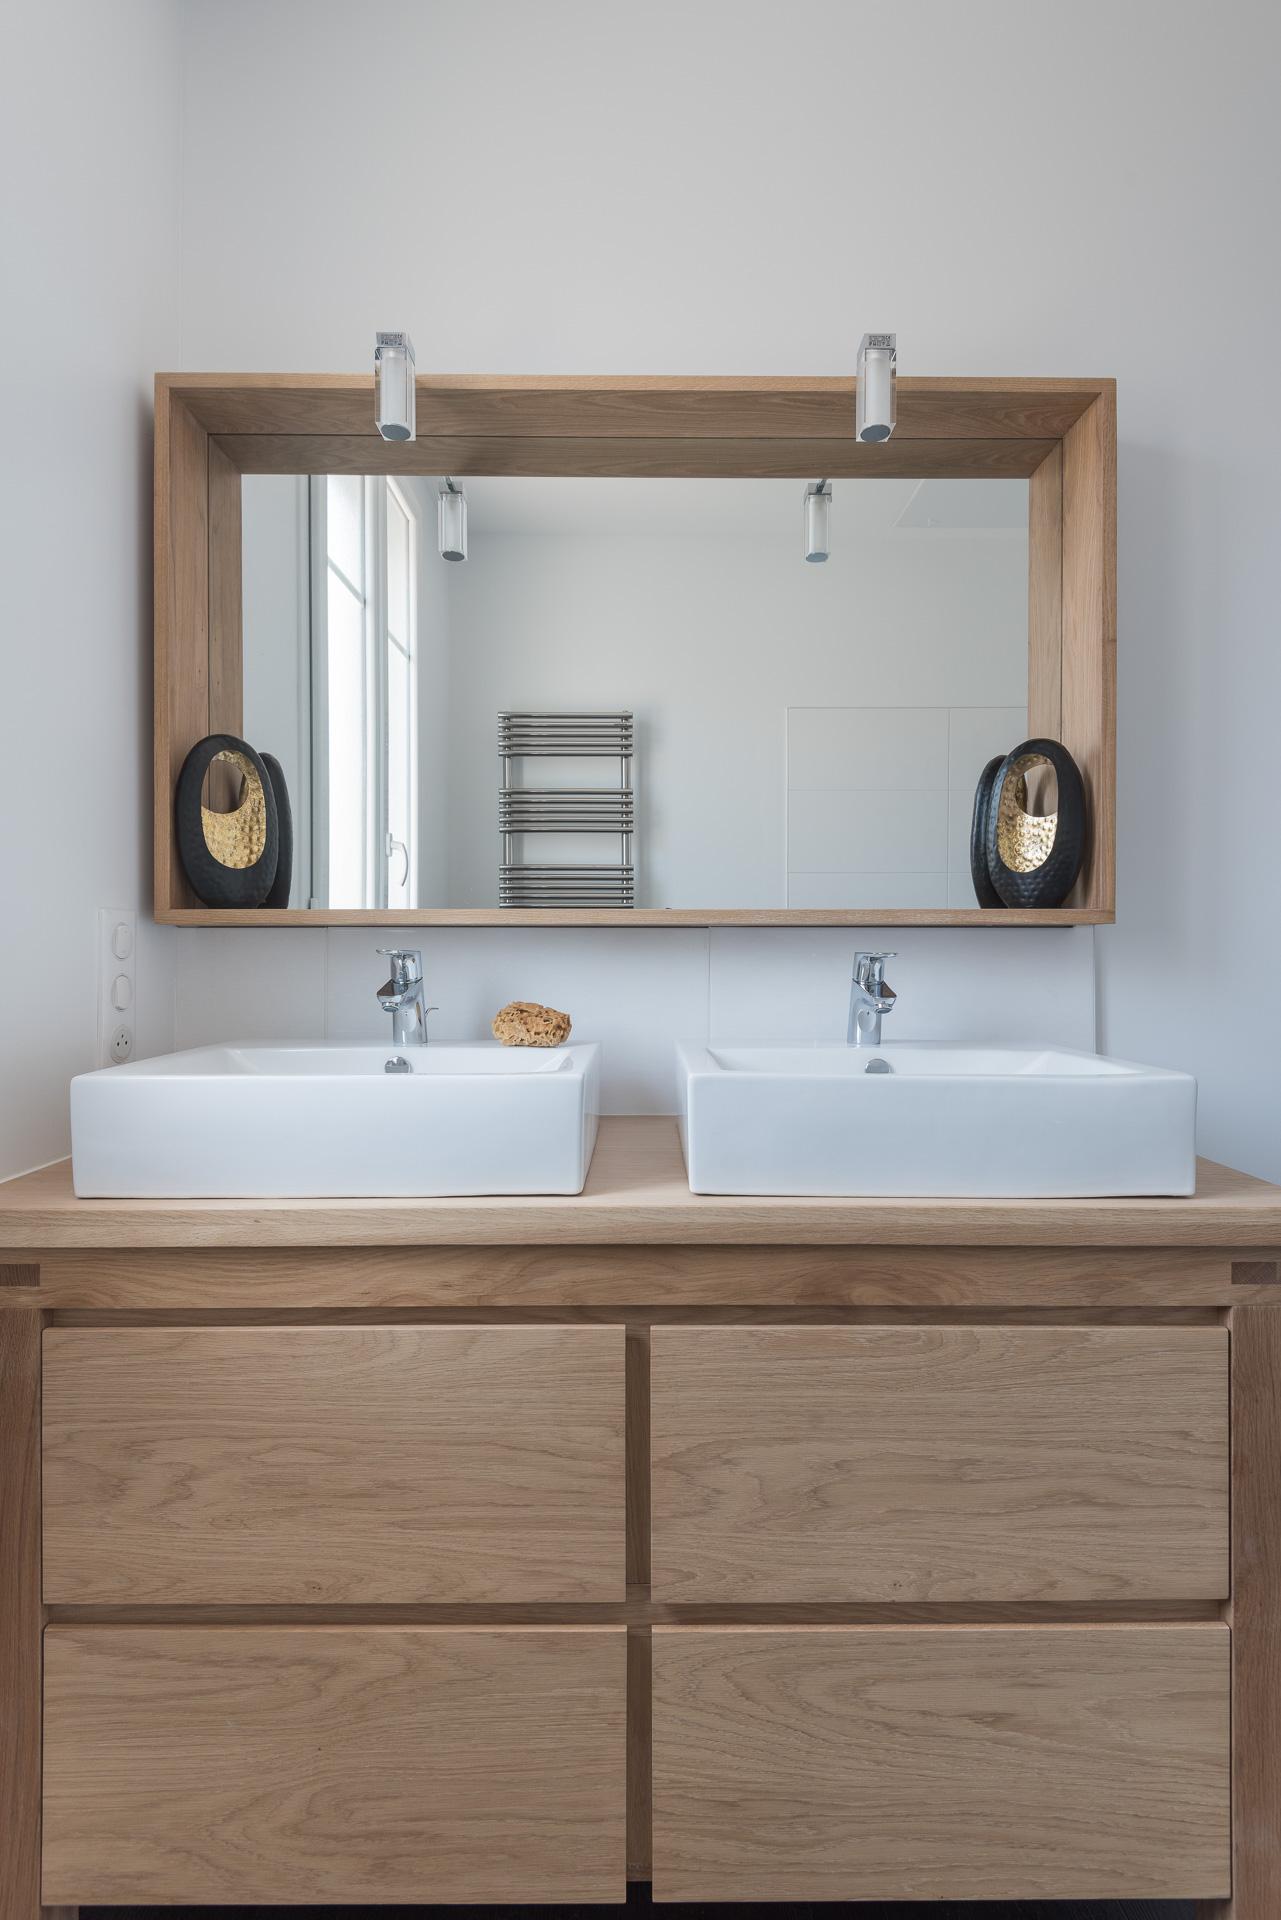 renovation maison la rochelle salle de bain alize chauvet architecte 1920px aliz chauvet. Black Bedroom Furniture Sets. Home Design Ideas